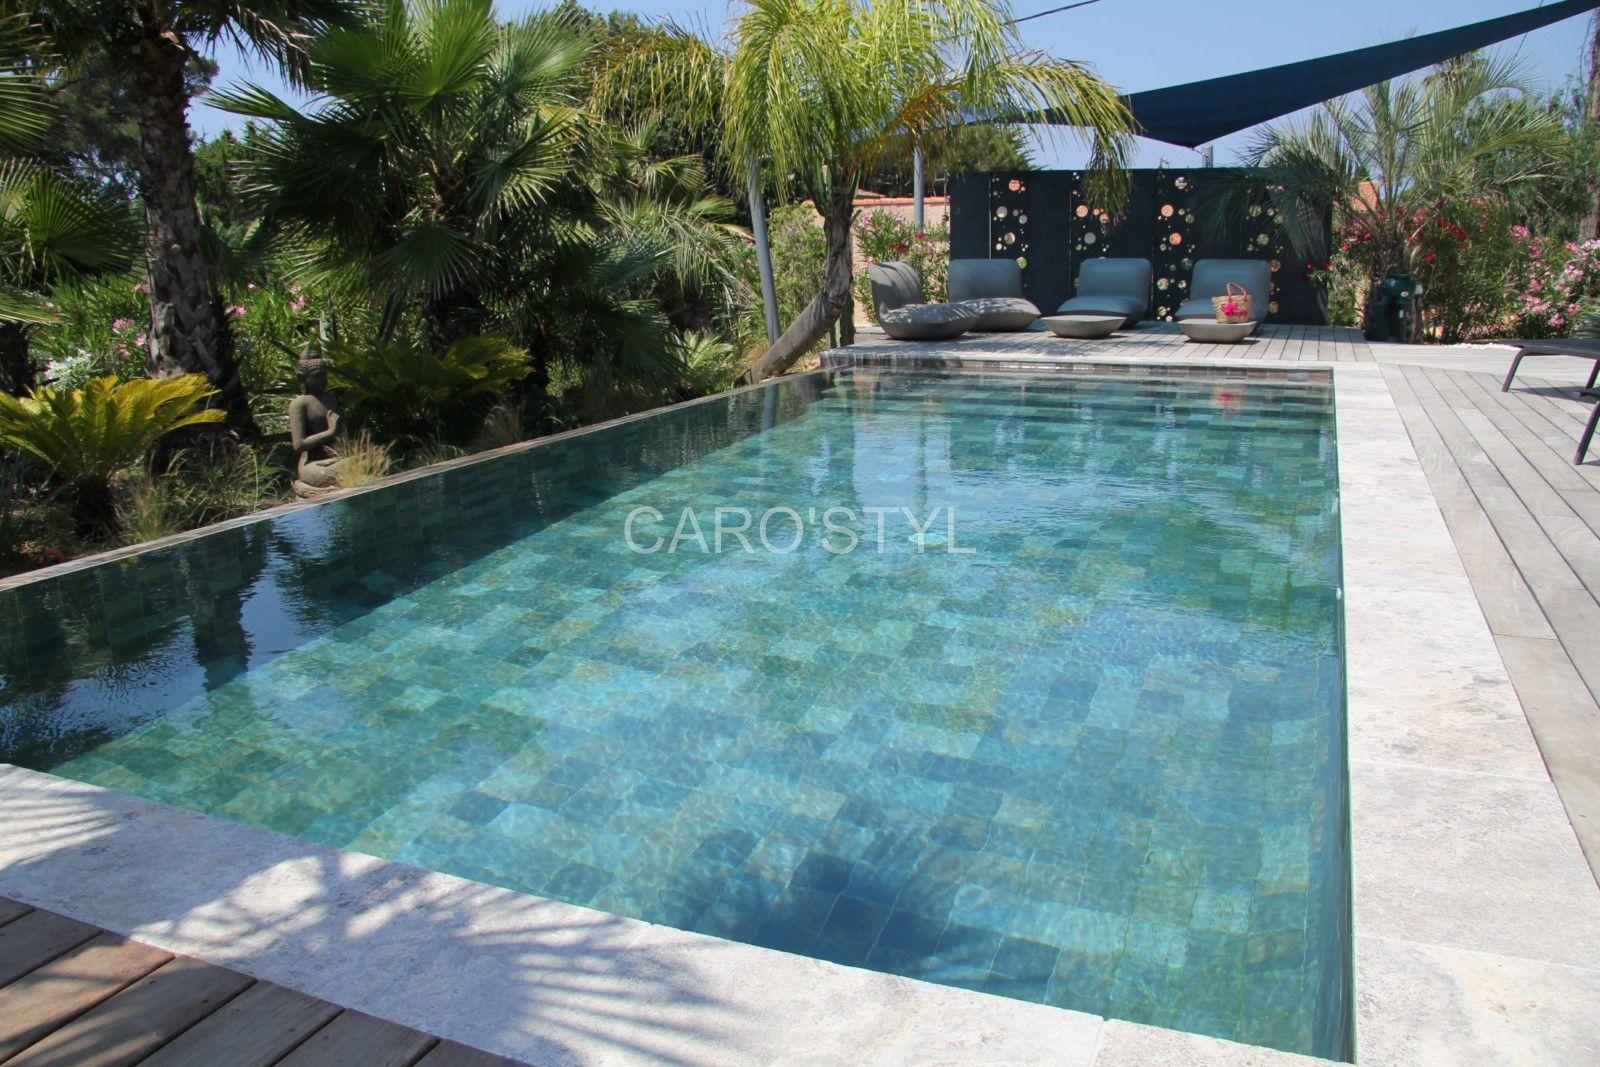 invitation la d tente cette superbe piscine r alis e en green bali nous fait r ver. Black Bedroom Furniture Sets. Home Design Ideas